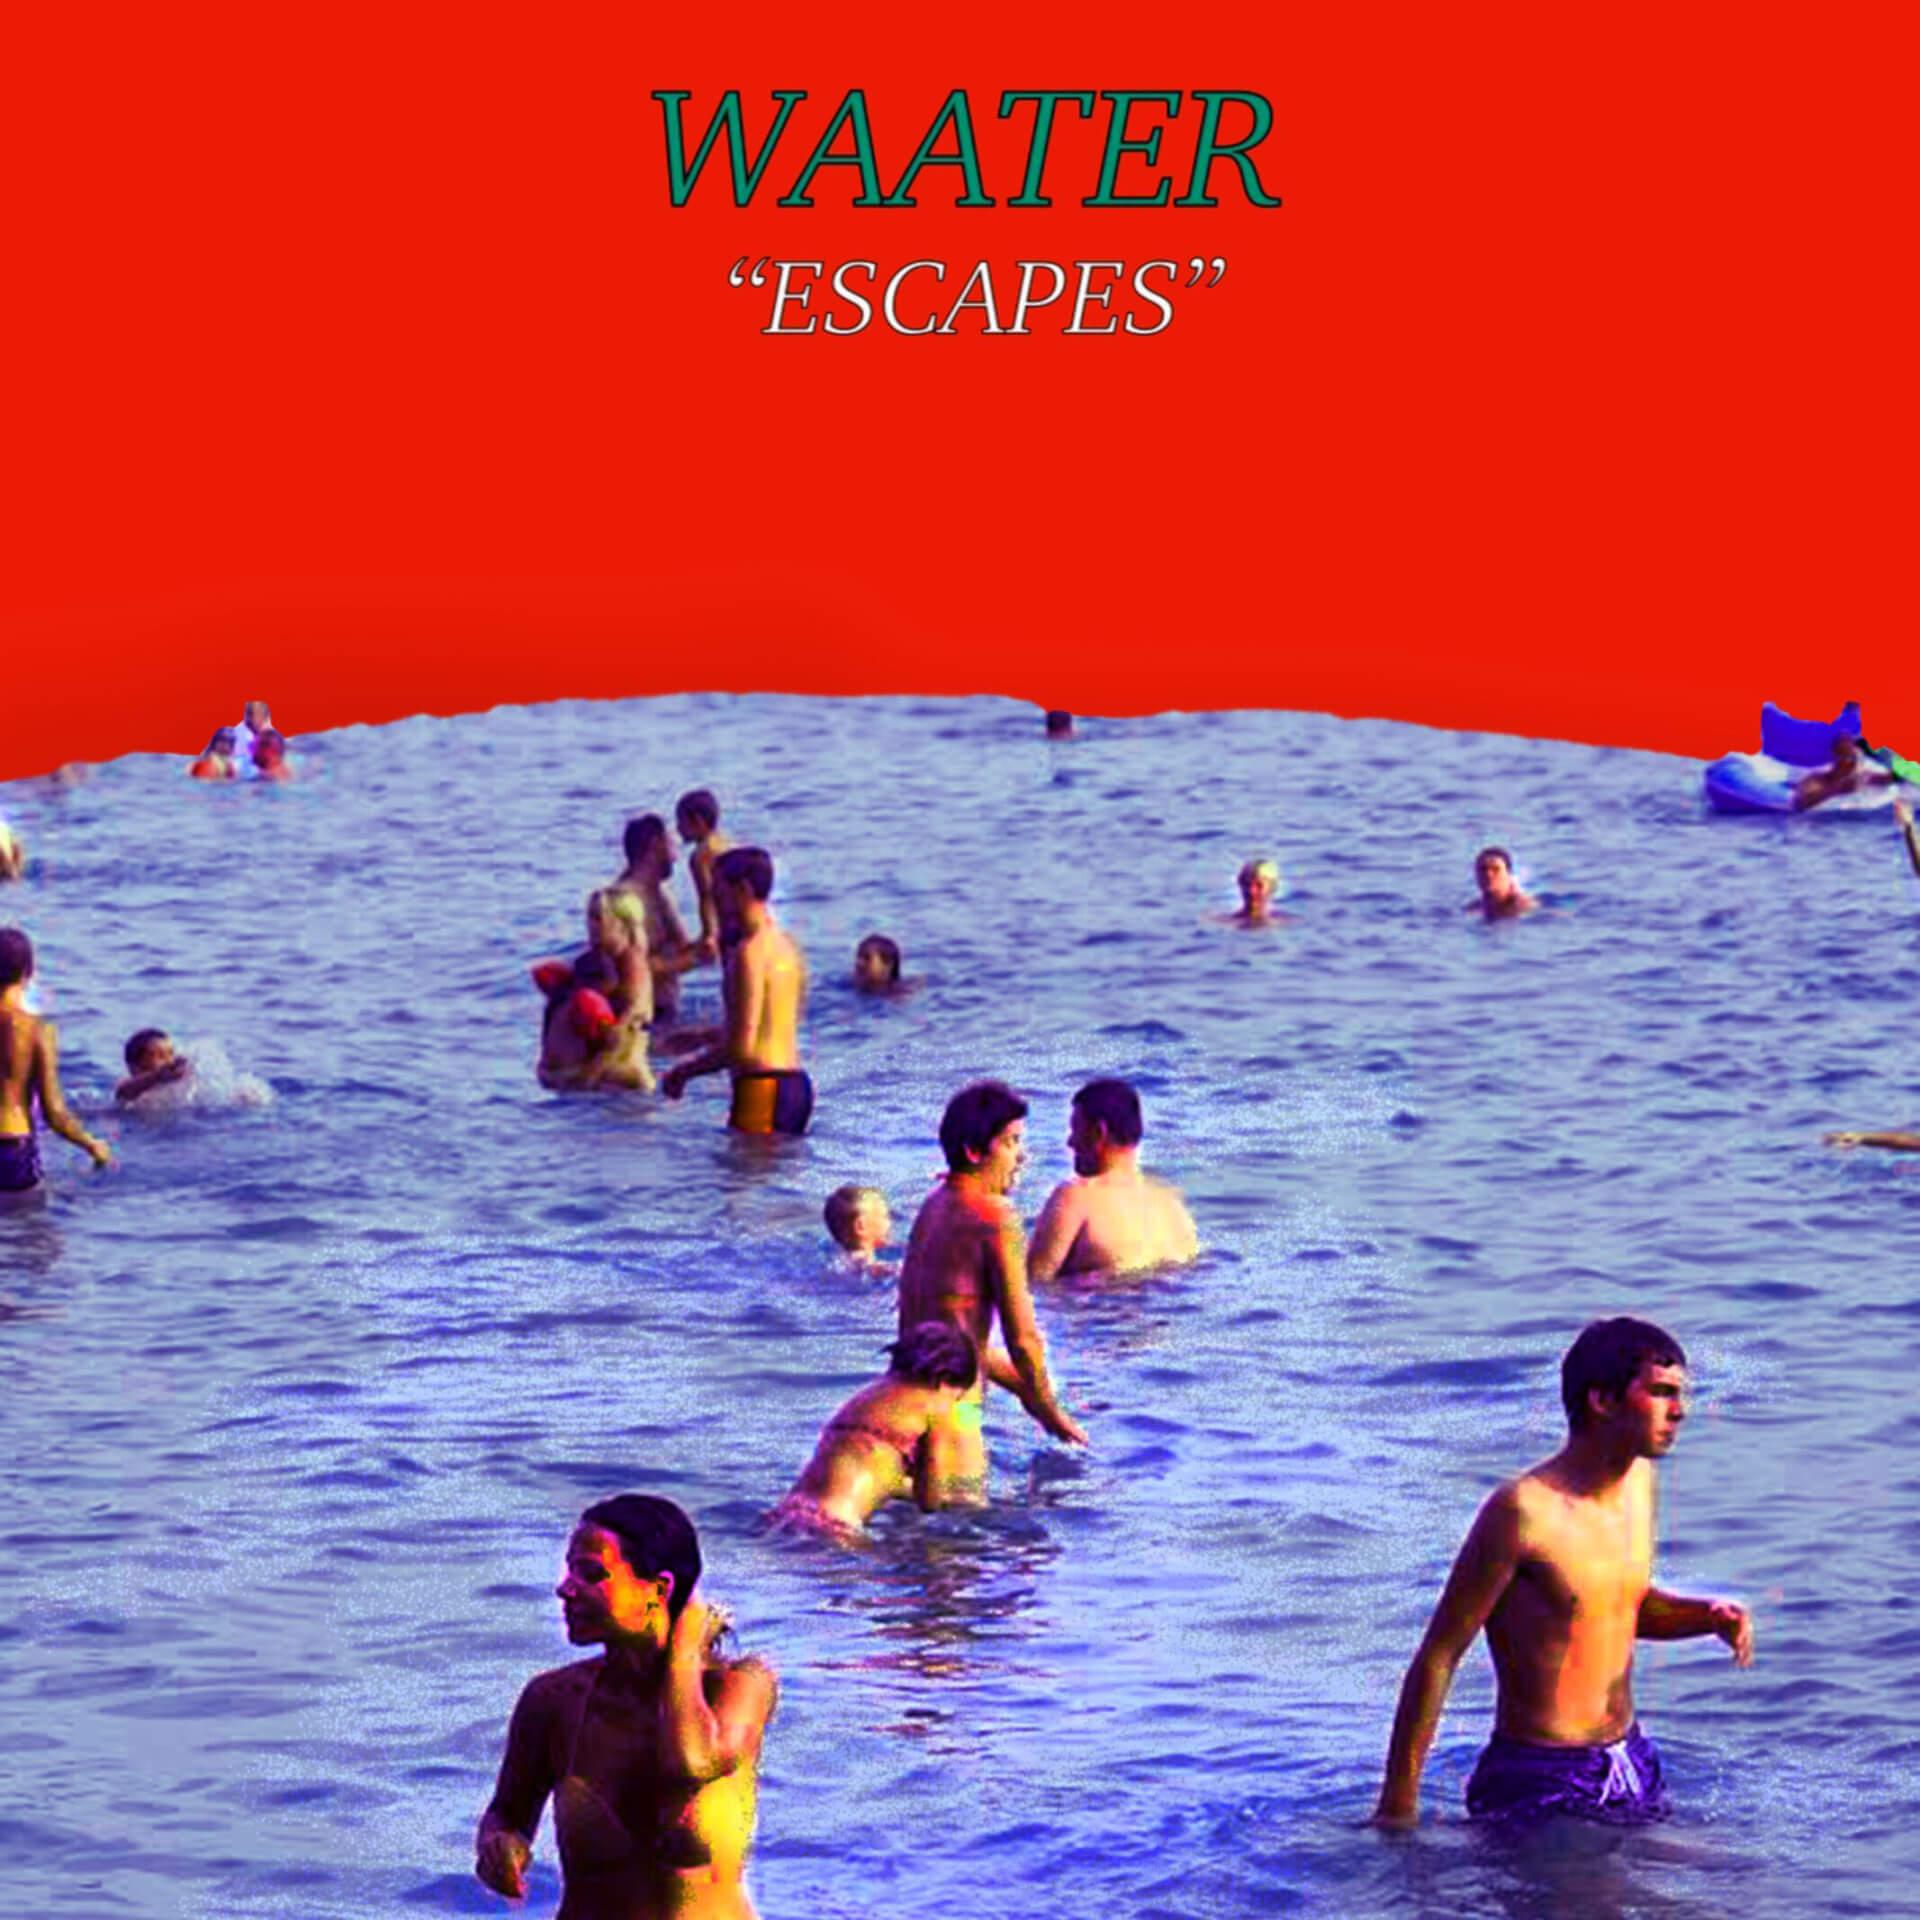 ネオ・パンク・バンドWaaterの2nd EP『Escapes』配信開始、EPから6本目となるMVも解禁 music0925_waater_escapes_jk